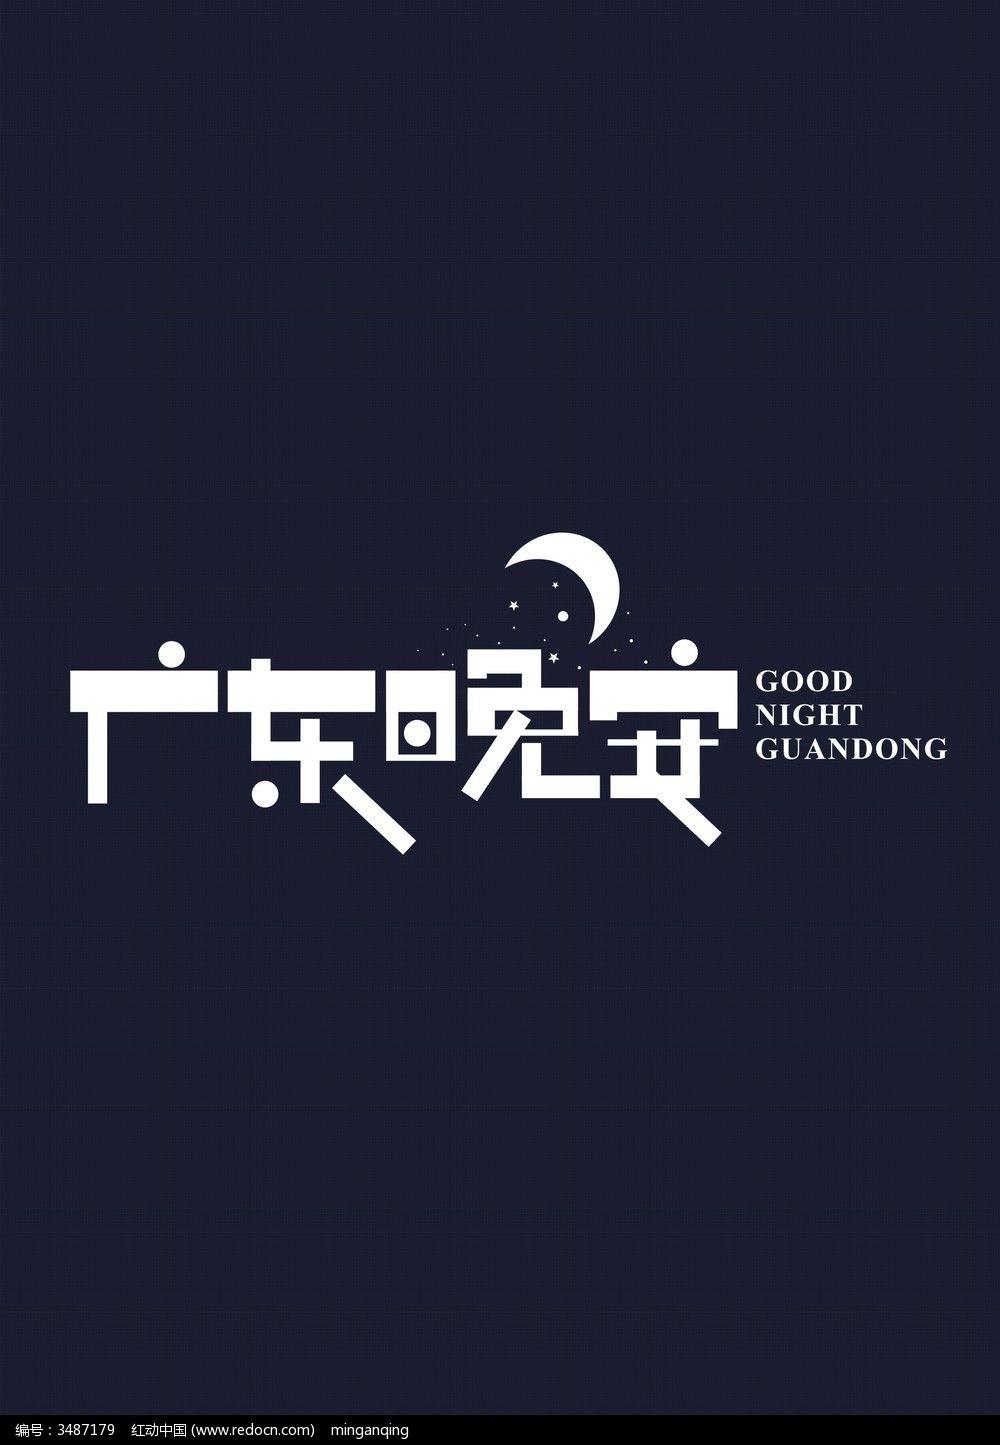 艺术字体_广东晚安艺术字体设计